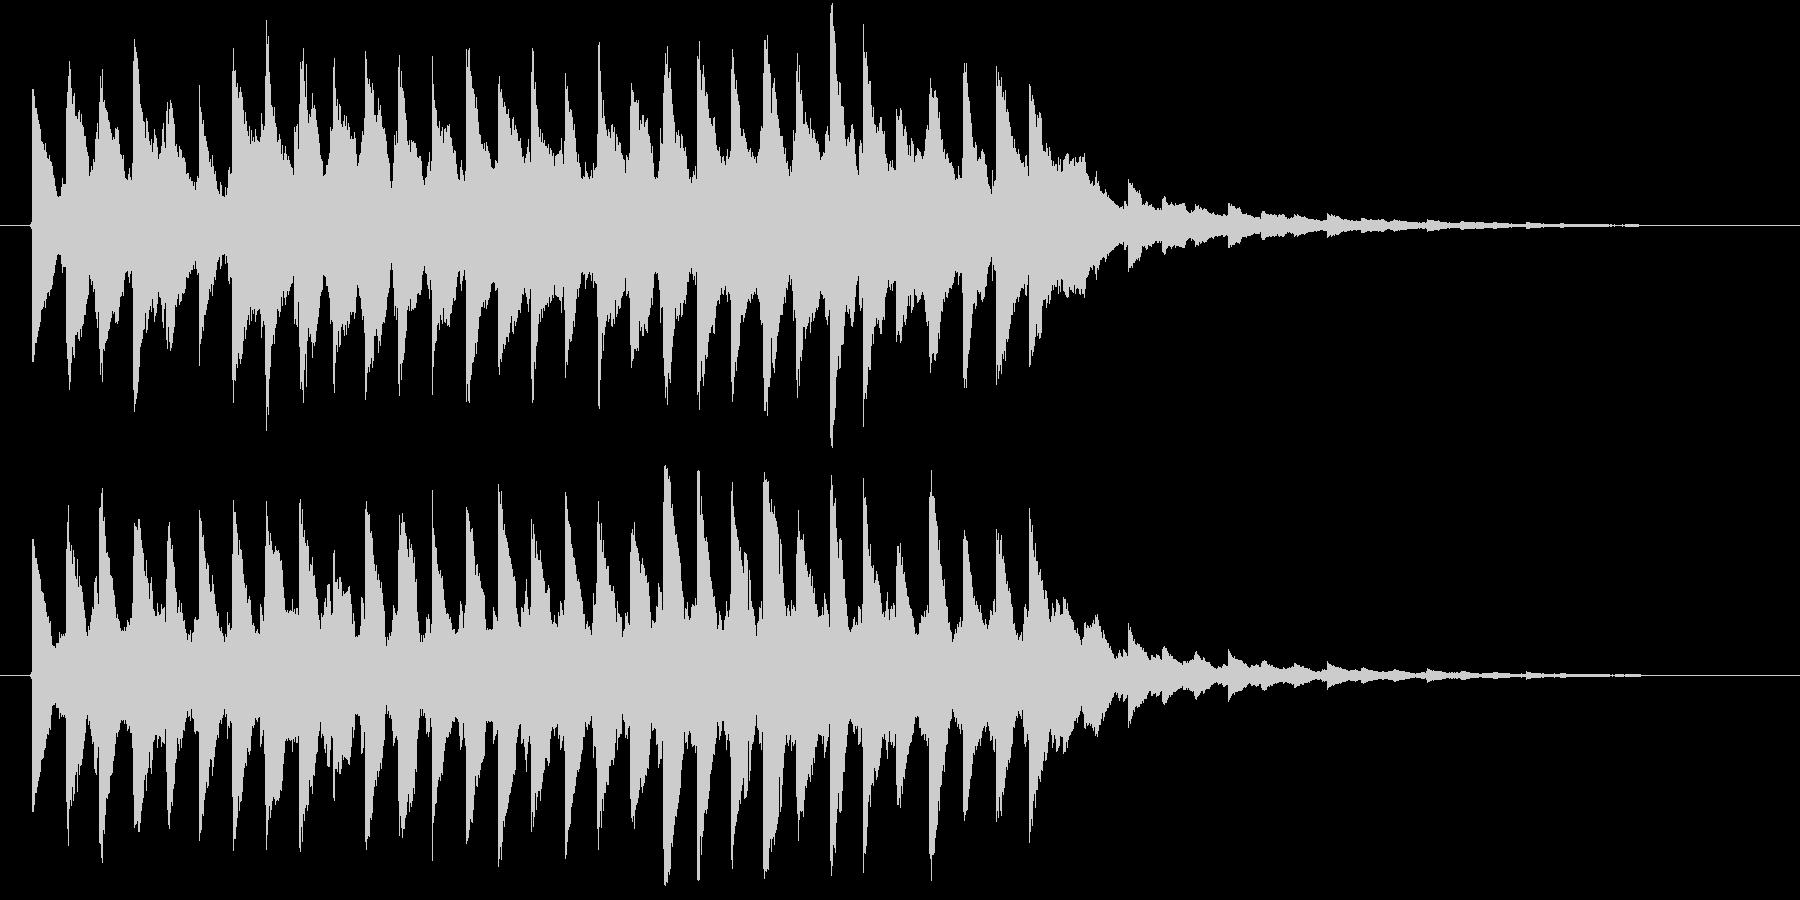 電子系ジングルの未再生の波形